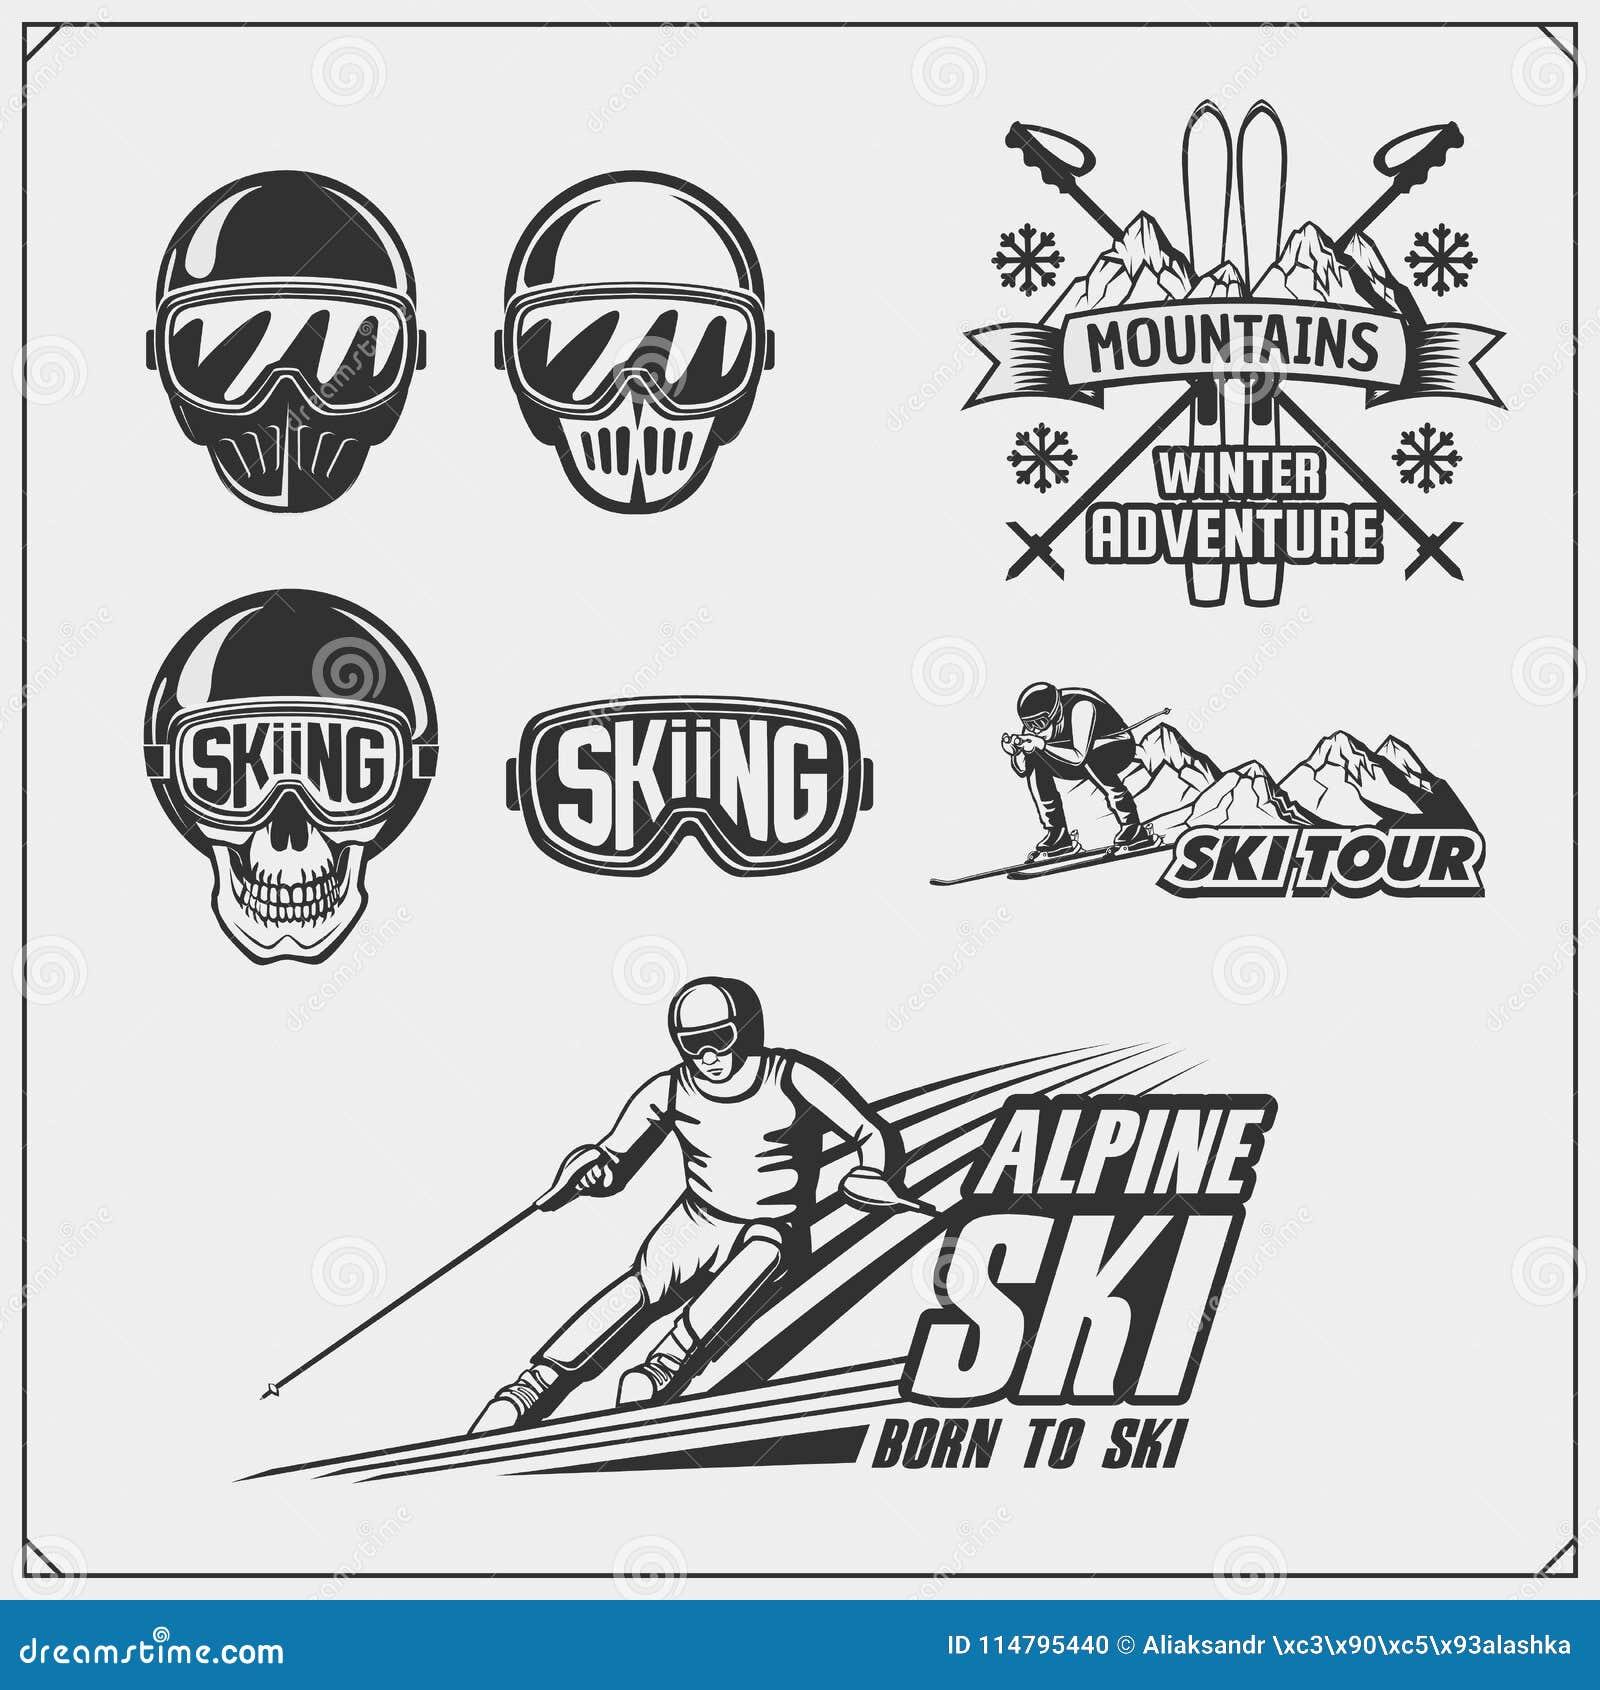 Fotos, lizenzfreie Bilder, Grafiken, Vektoren und Videos von Ski-Langlauf    Adobe Stock